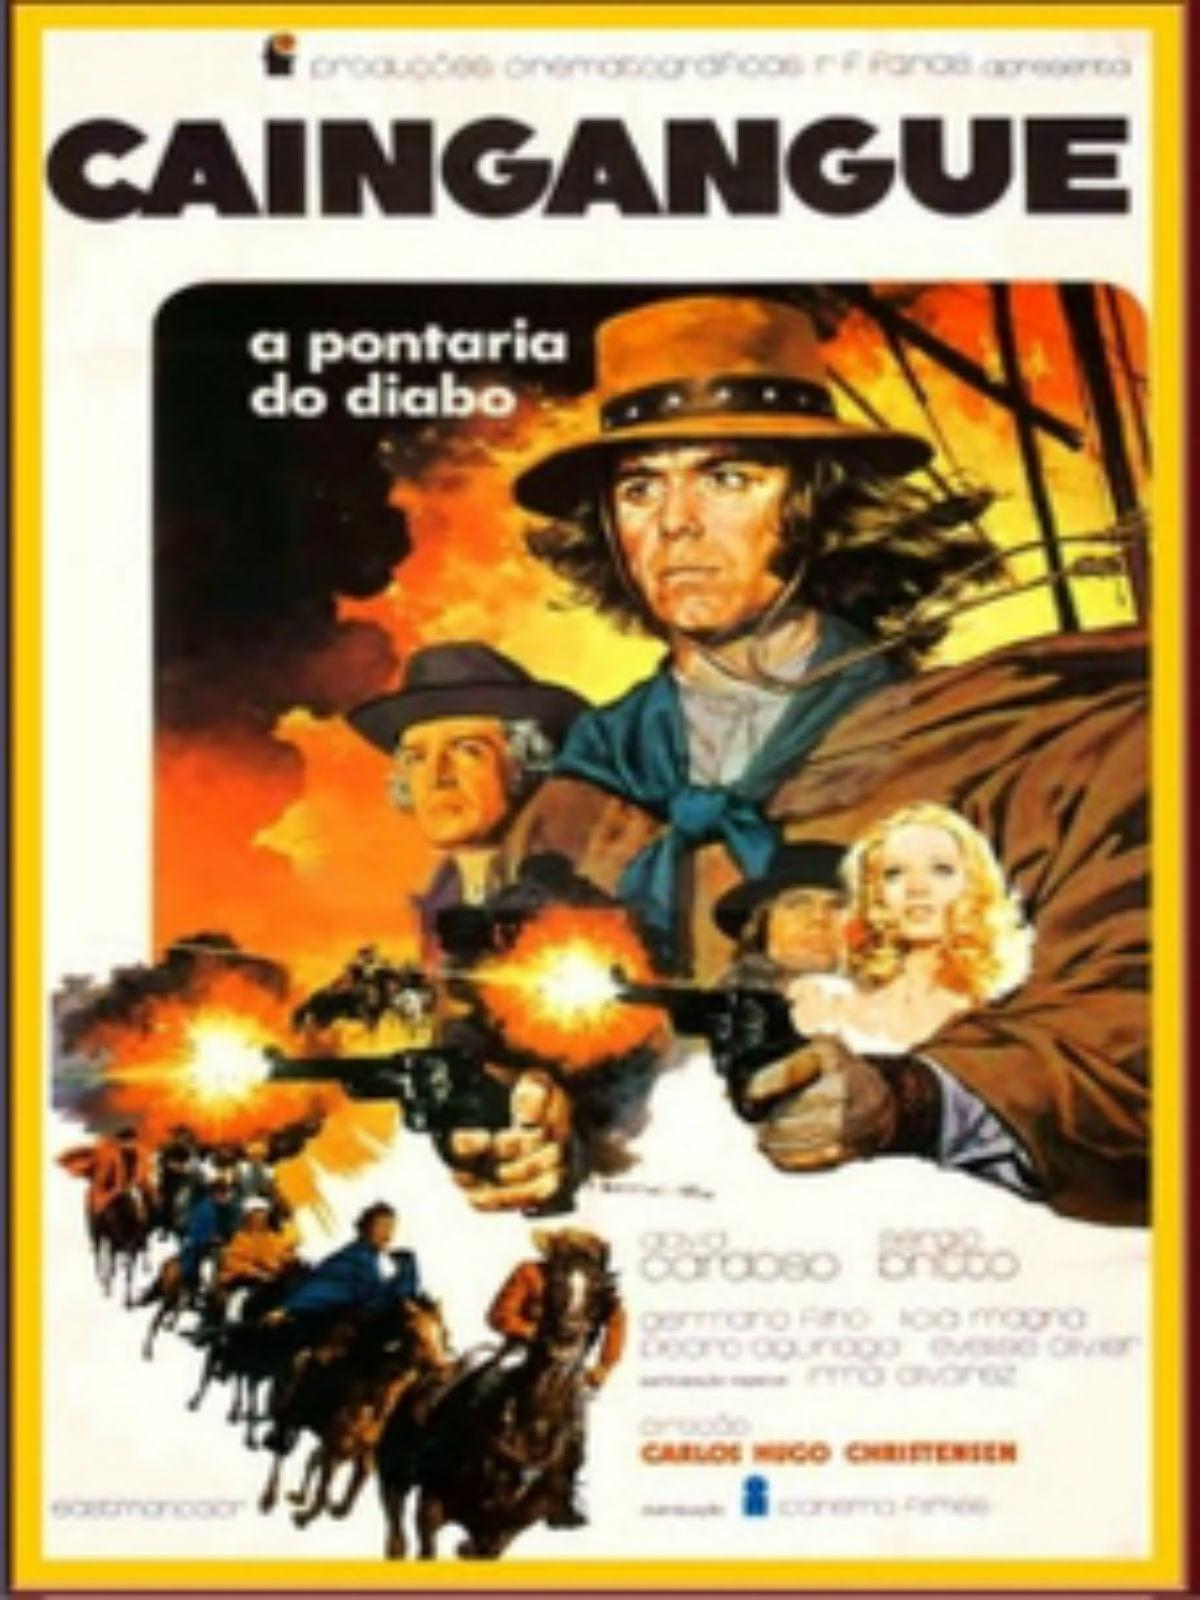 Poster do filme Caingangue, A Pontaria do Diabo